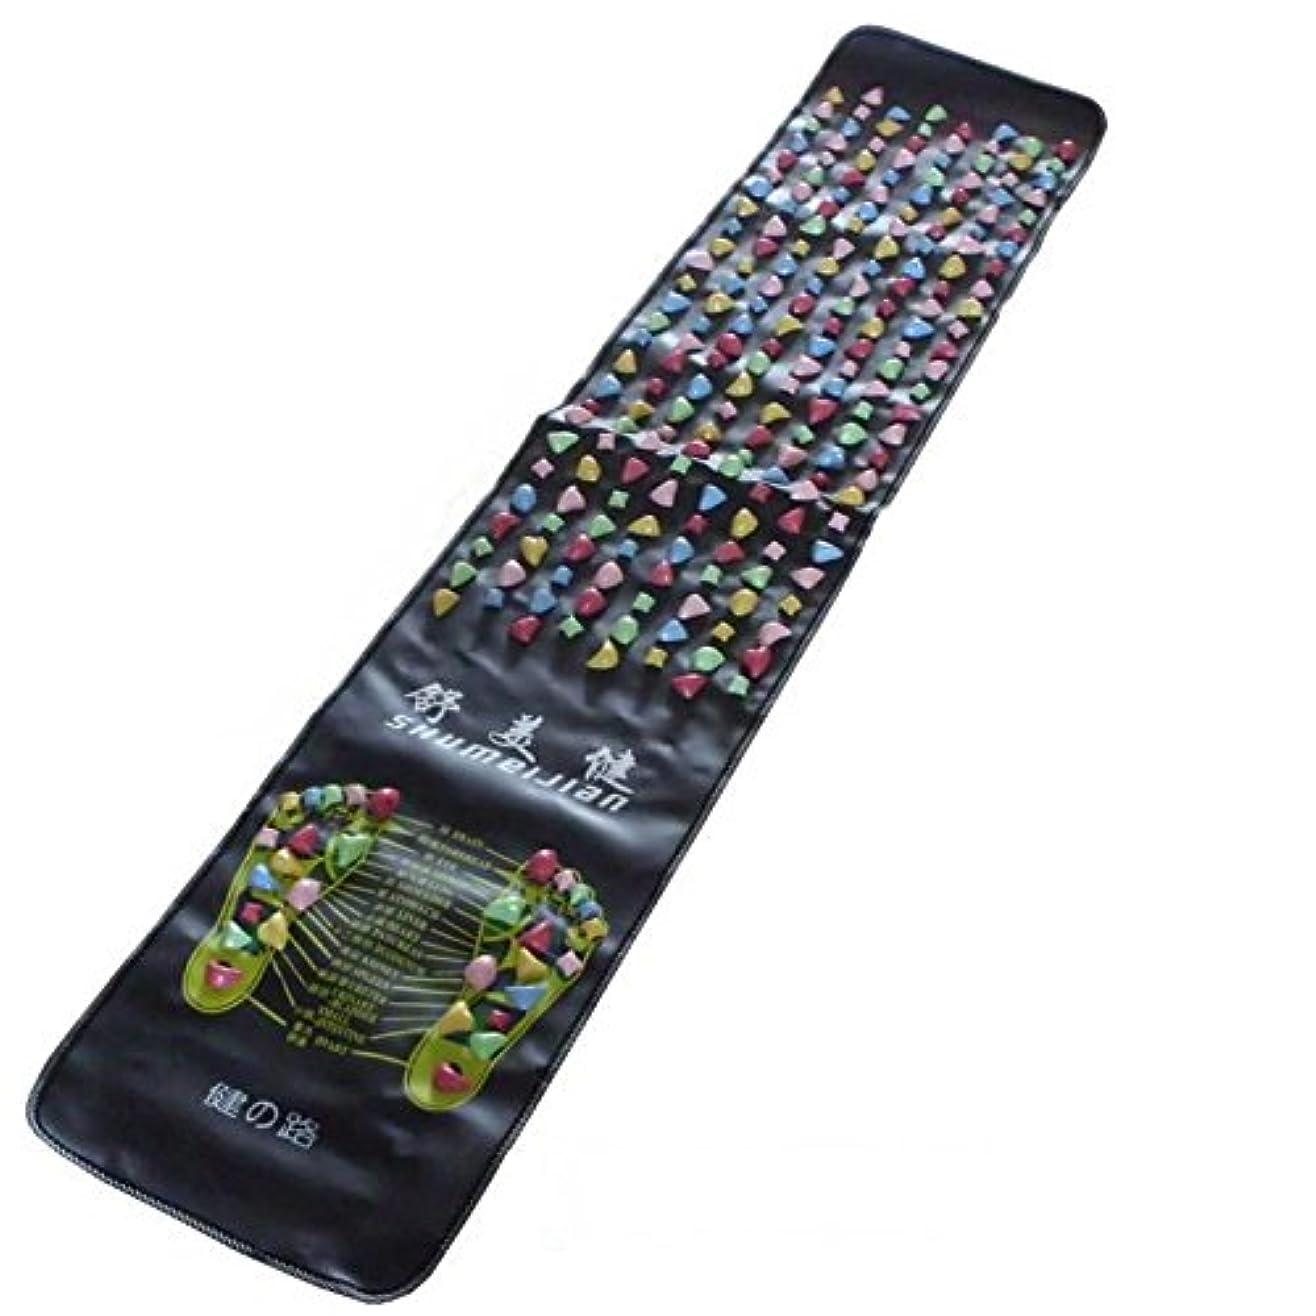 バックアナロジー干ばつ本物の健康 フットマッサージ 足のマッサージパッド 模造石畳の歩道